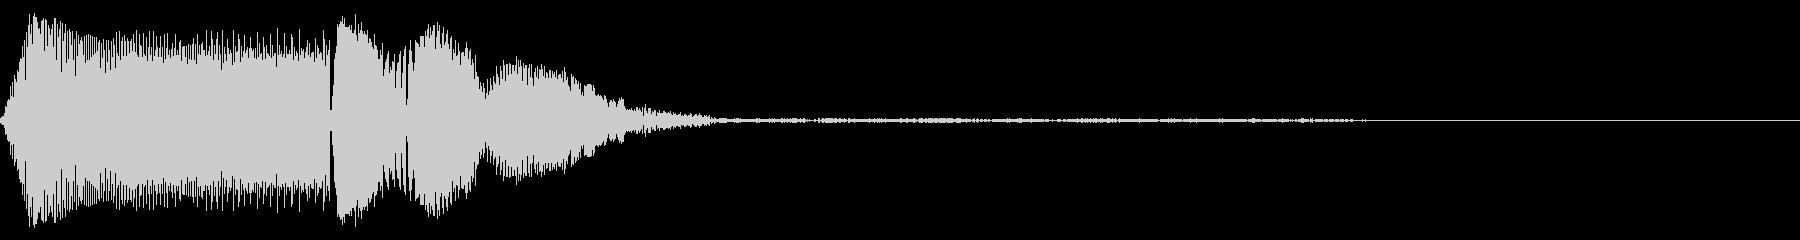 汎用的なシステム音(モノラルバージョン)の未再生の波形